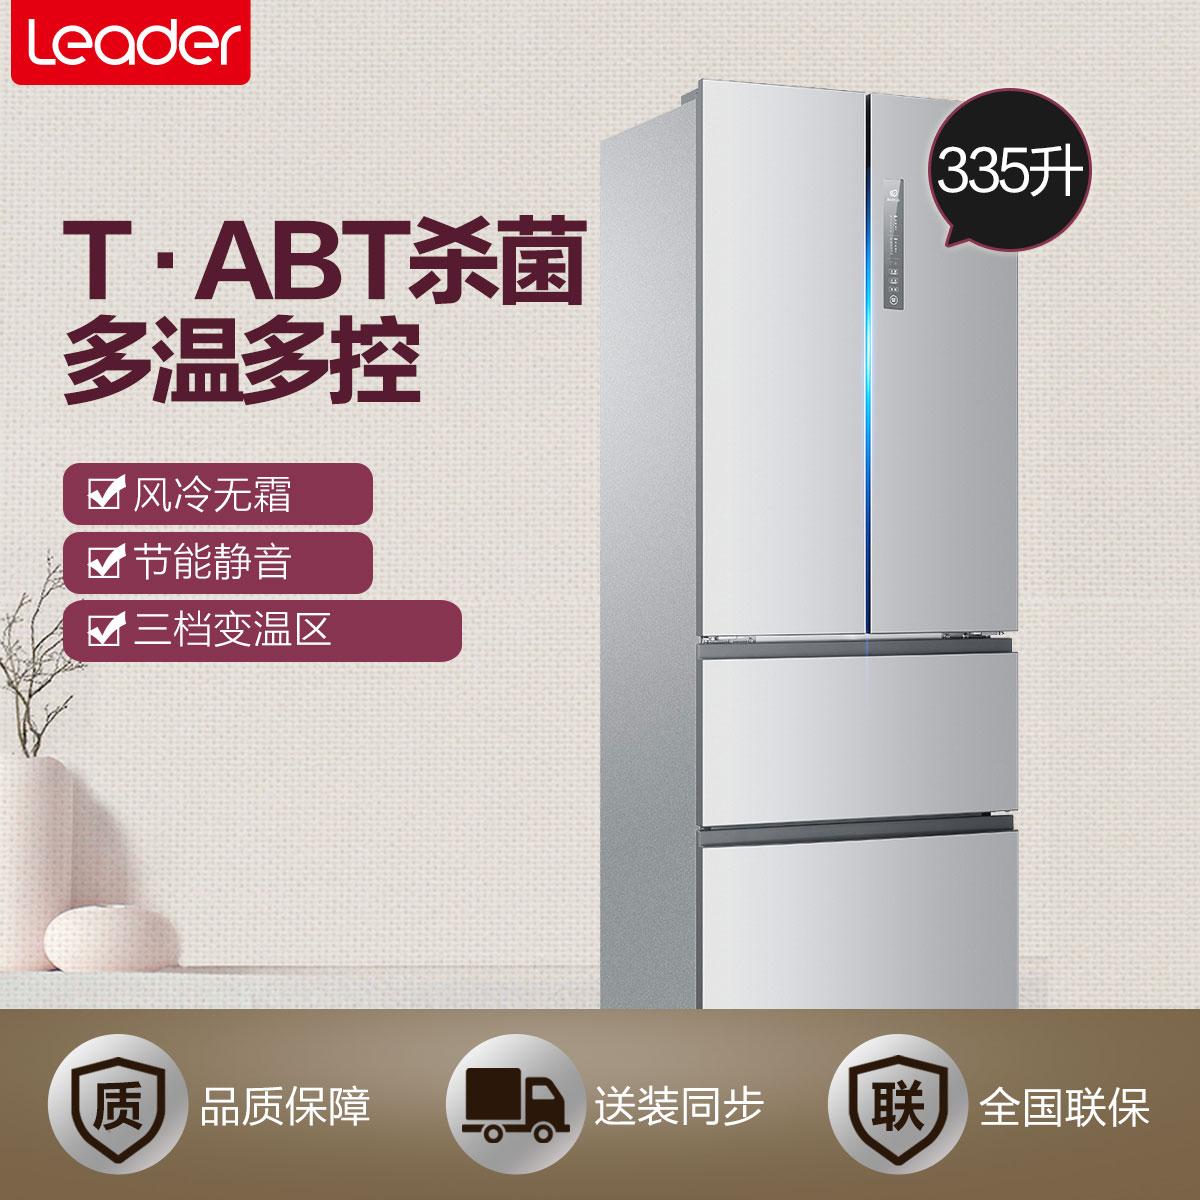 纤薄无霜多门冰箱;多温区设计,准确控温,T·ABT杀菌,三温区设计 BCD-335WLDPC 335升家用风冷无霜电冰箱多开门冰箱